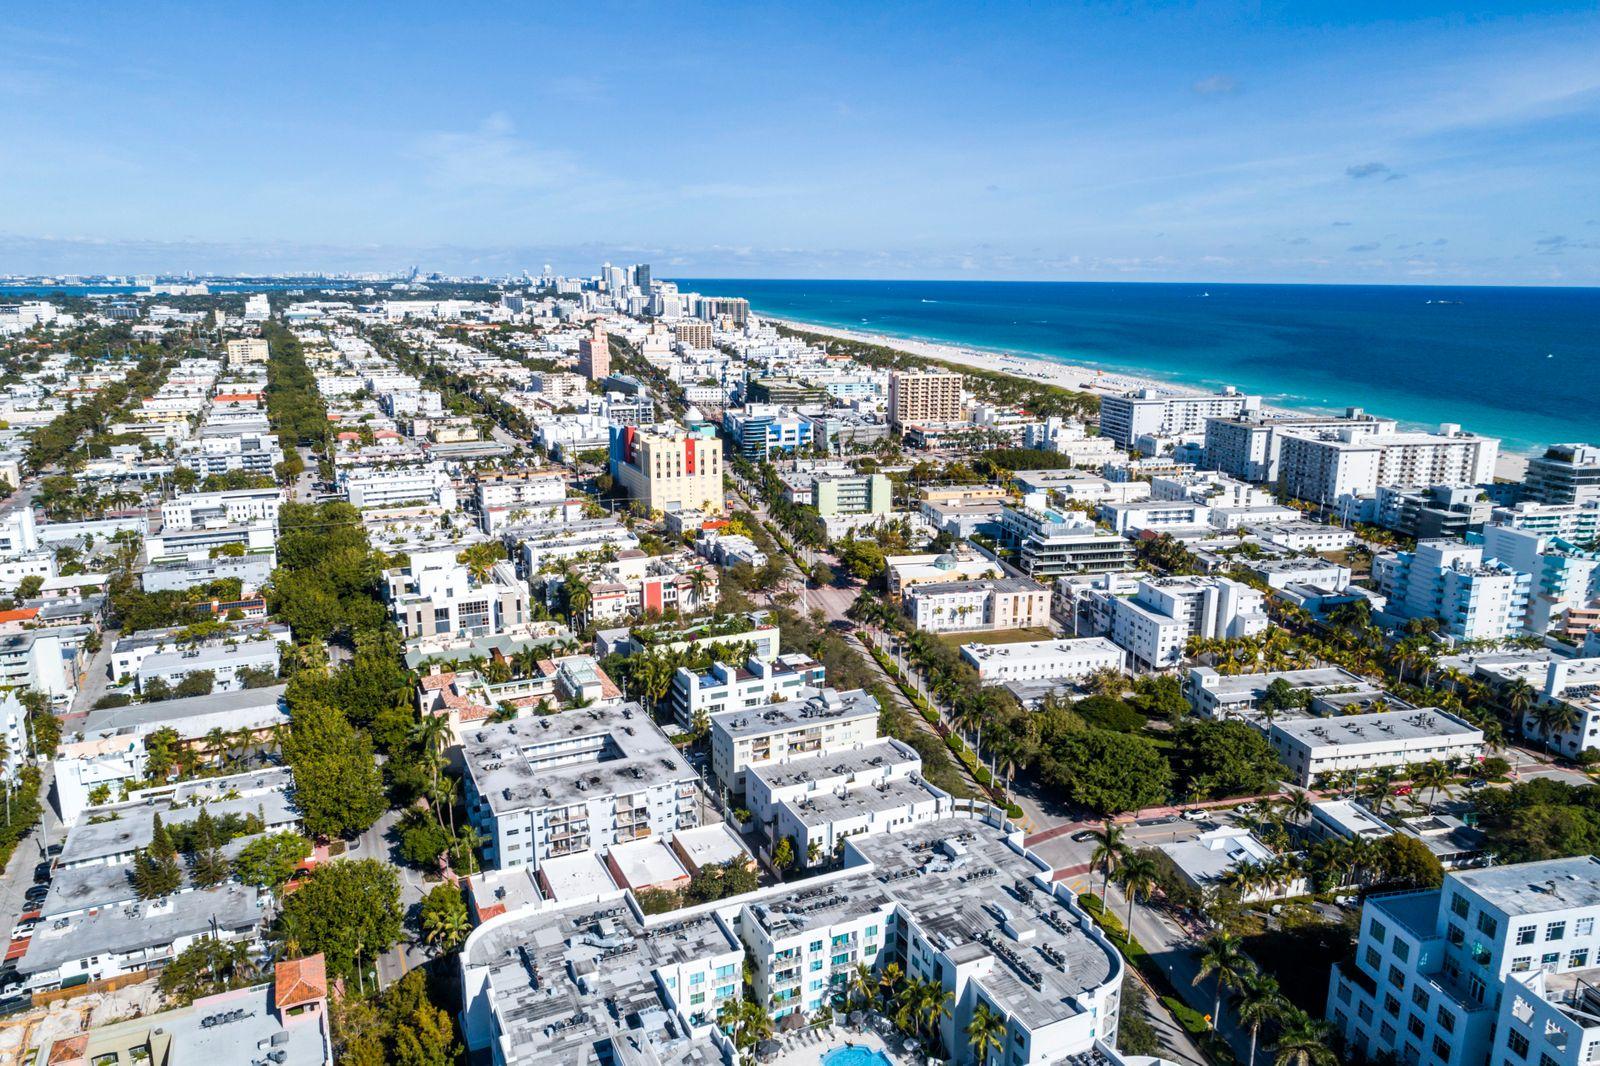 Florida, Miami Beach, aerial of Atlantic Ocean and condominiums